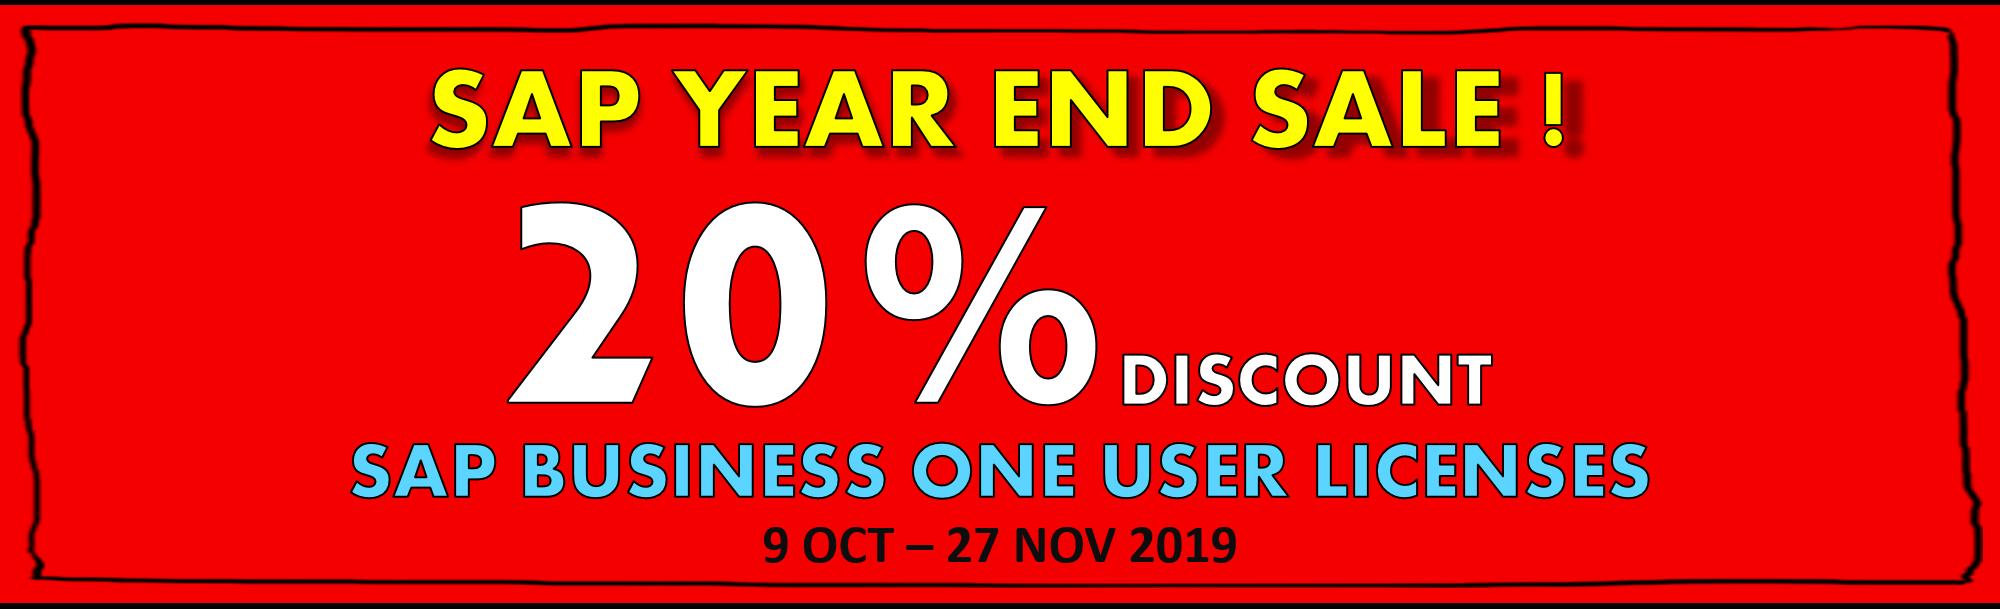 sap year end sale